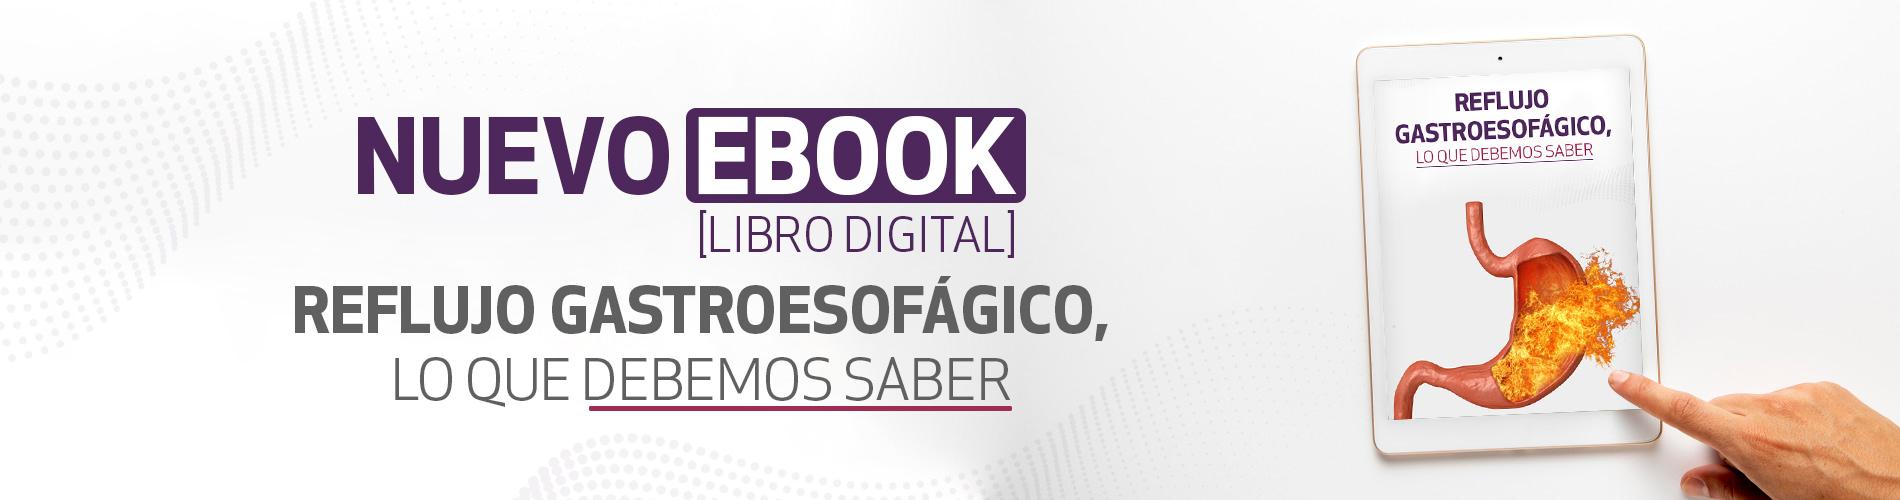 Ebook-reflujo-gastroesogafico